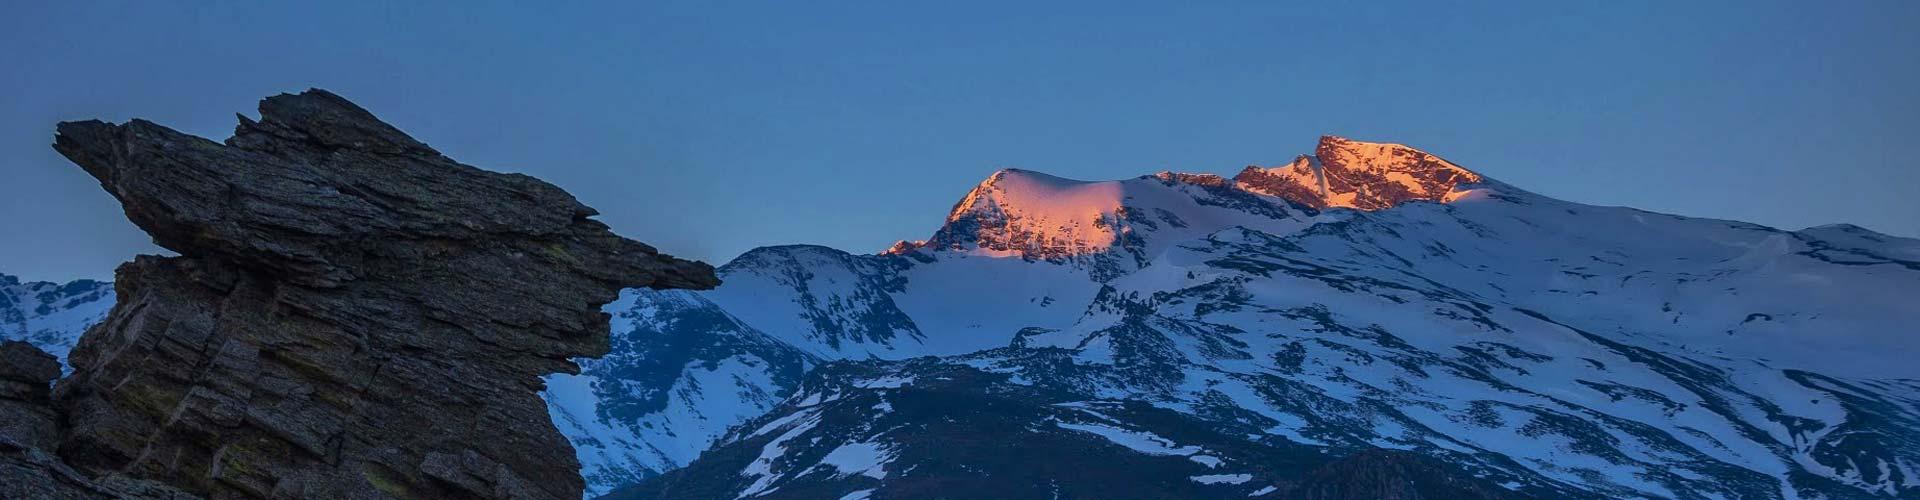 Alpinismo y Expediciones